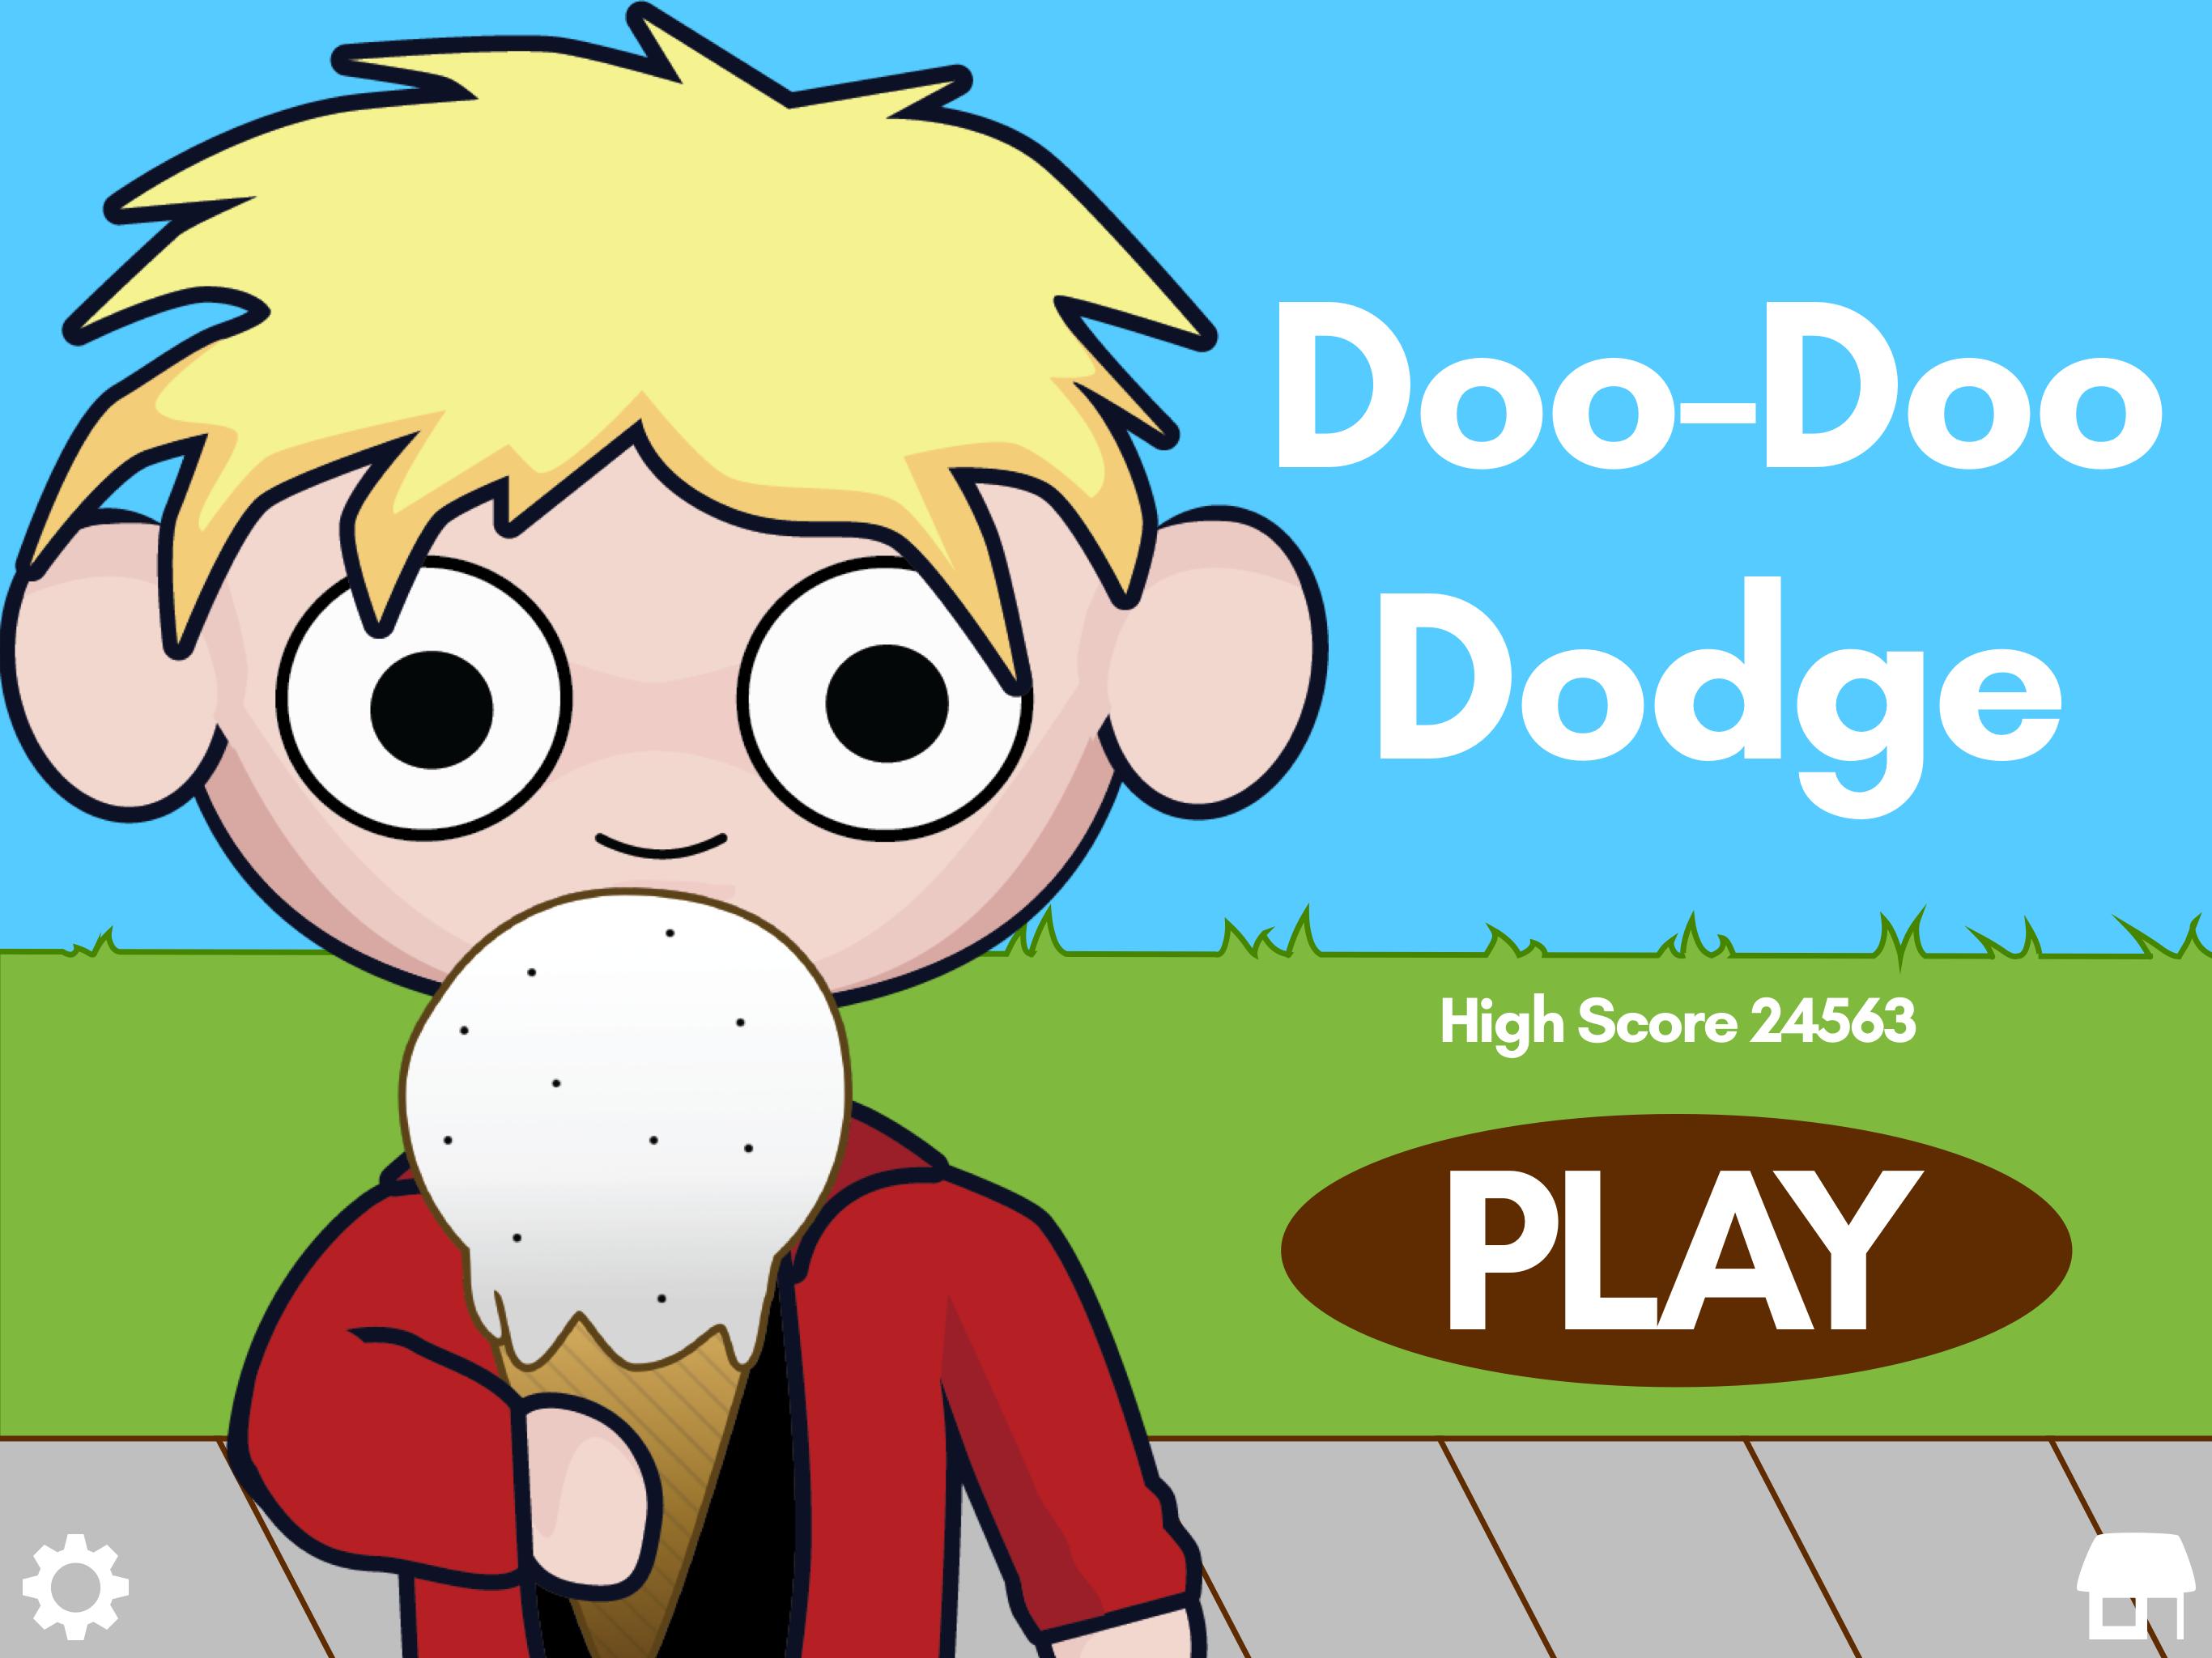 Doo-Doo Dodge